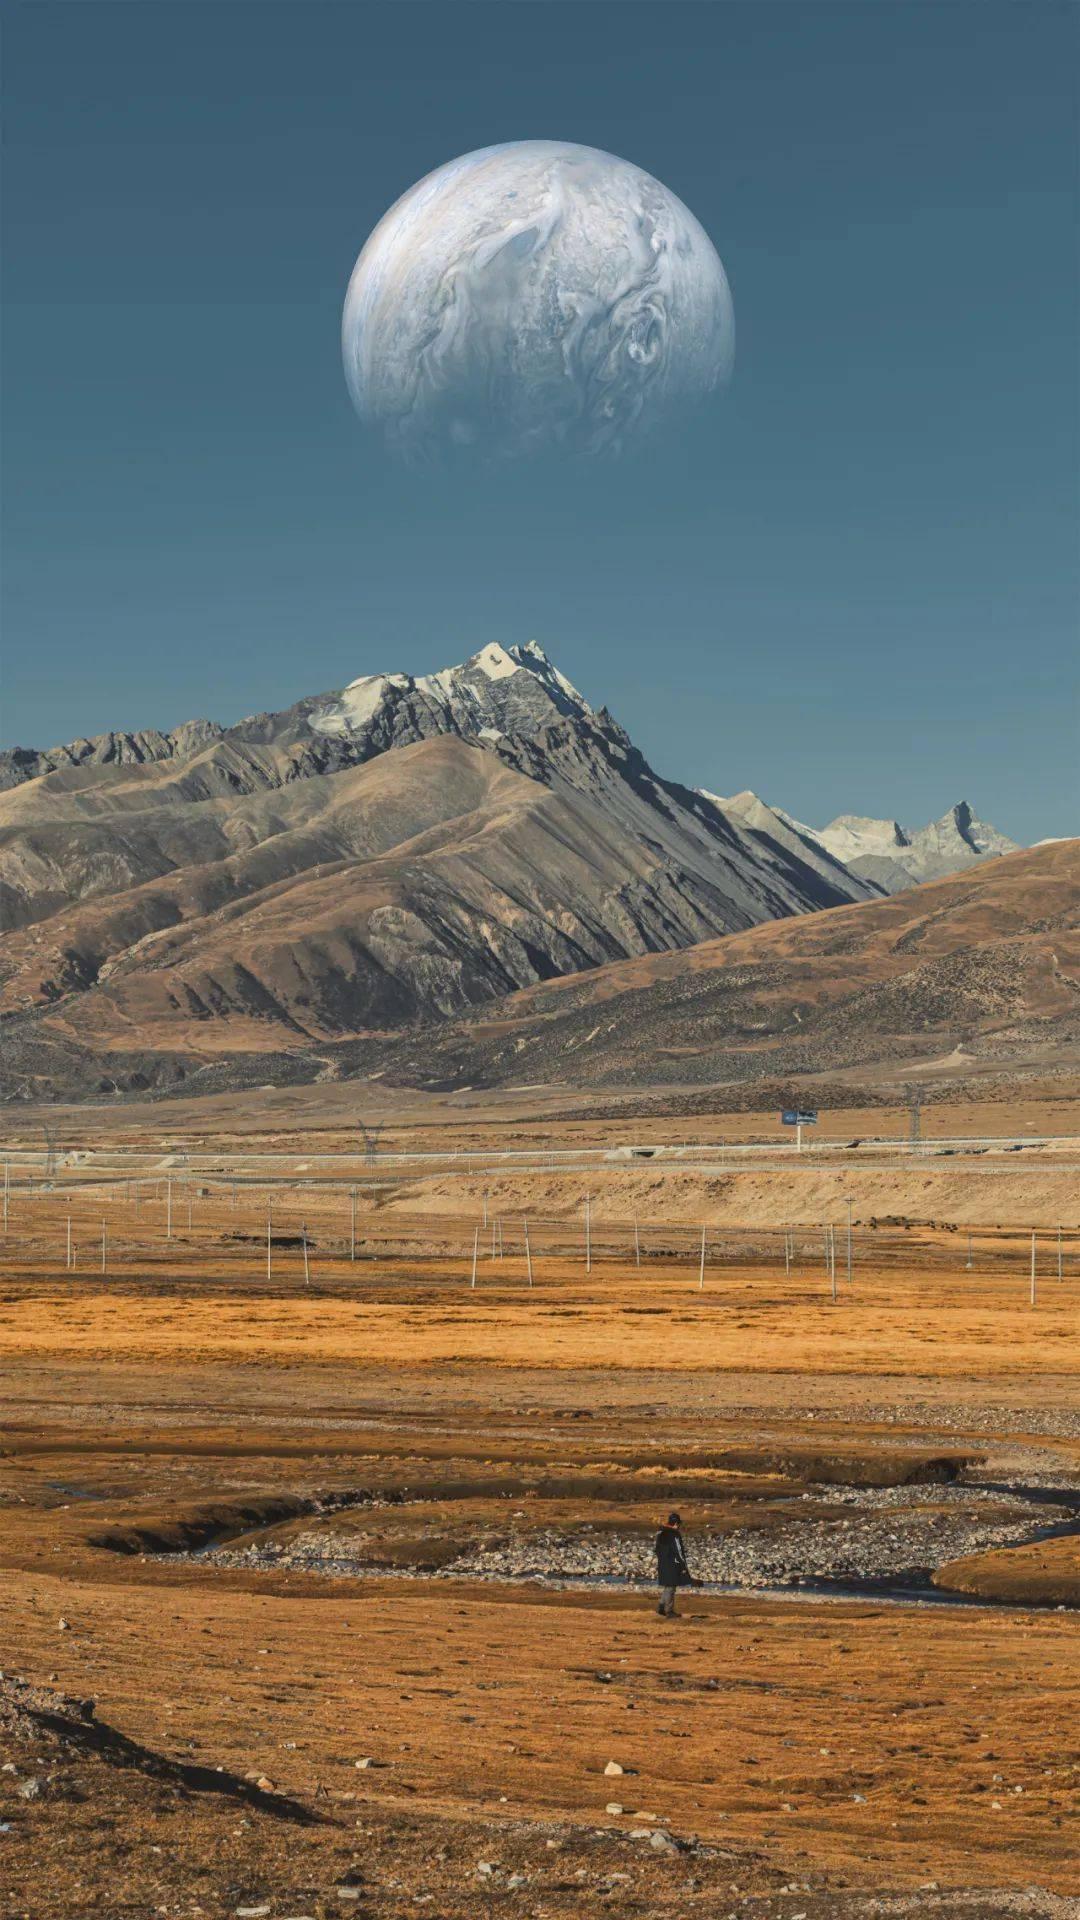 阿里环线,这才是西藏最美的天路